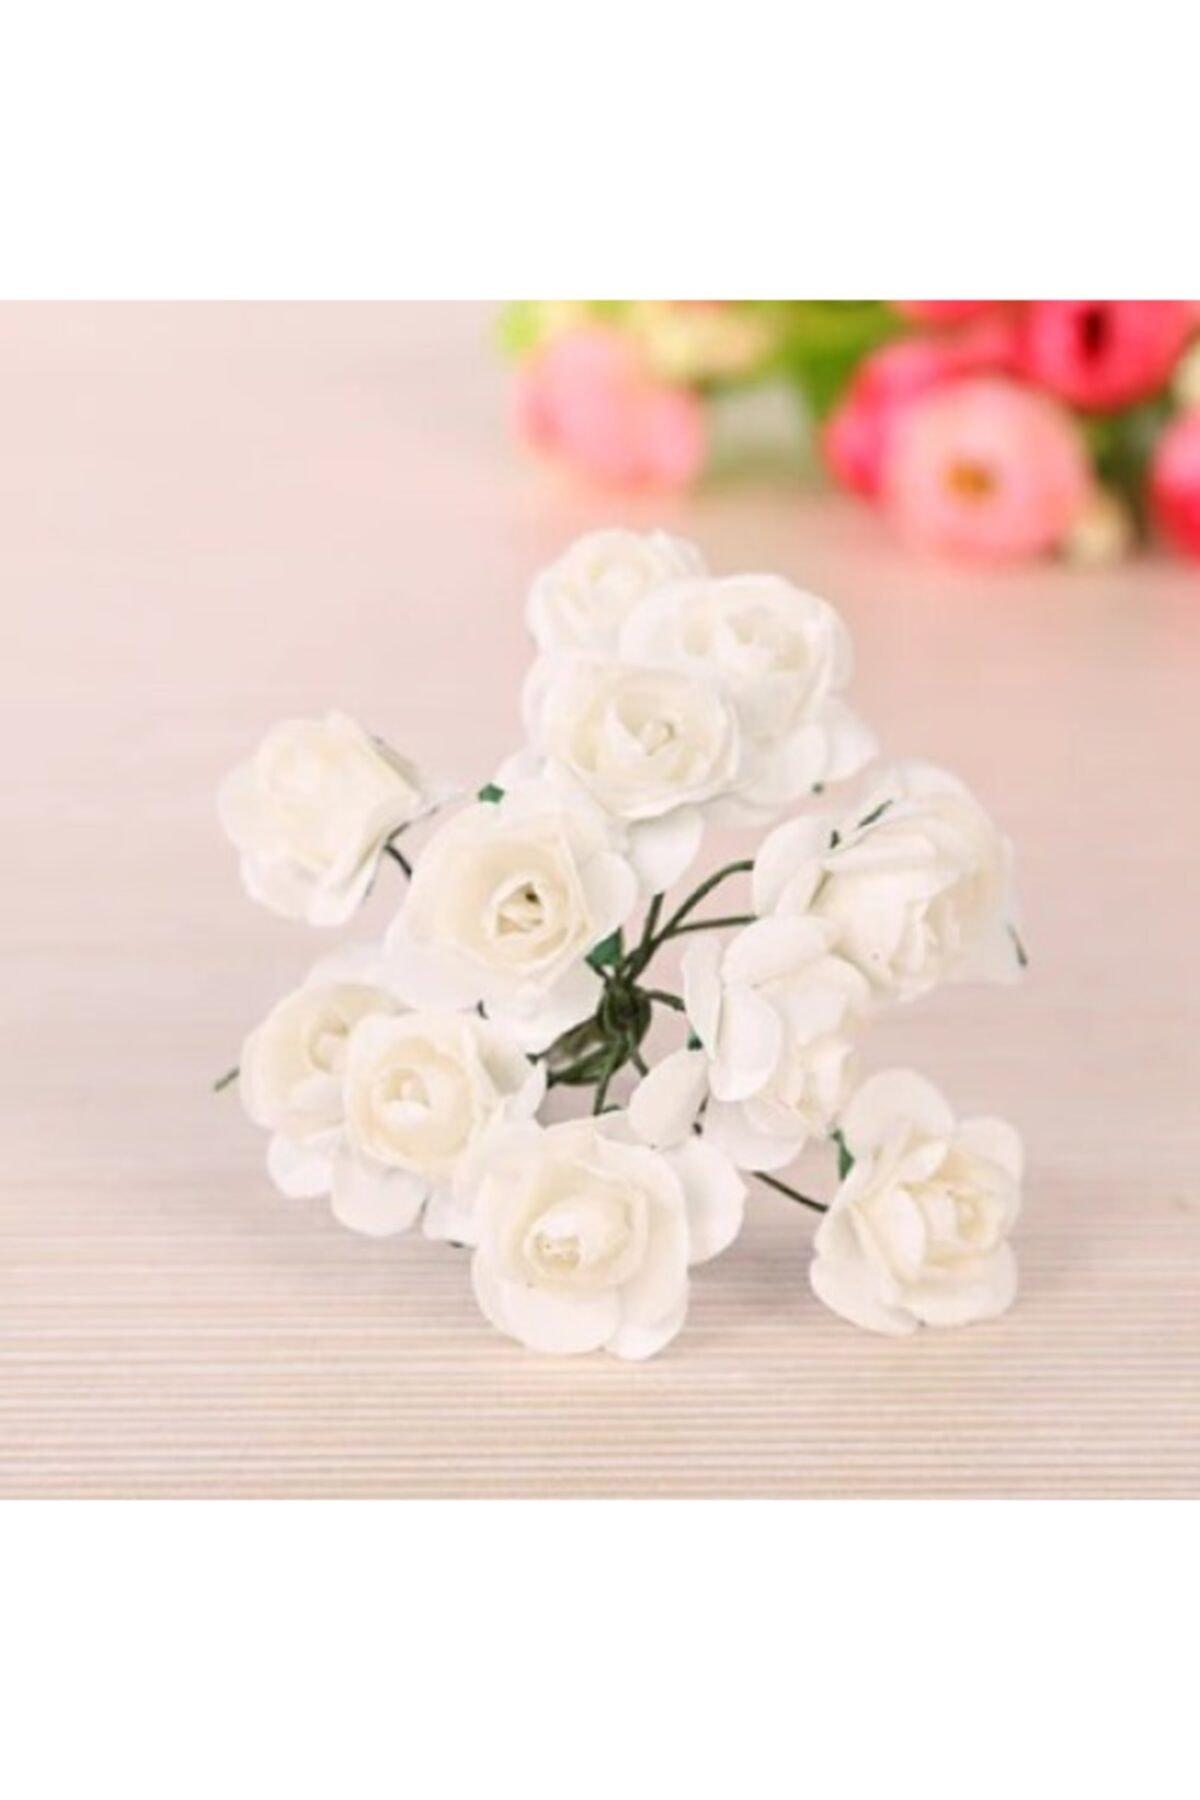 Beyaz Kağıt Gül 144lü Kağıt Güller El Işi Süsleme Hobi Dekorasyon Tasarım Yapay Çiçek Aranjman